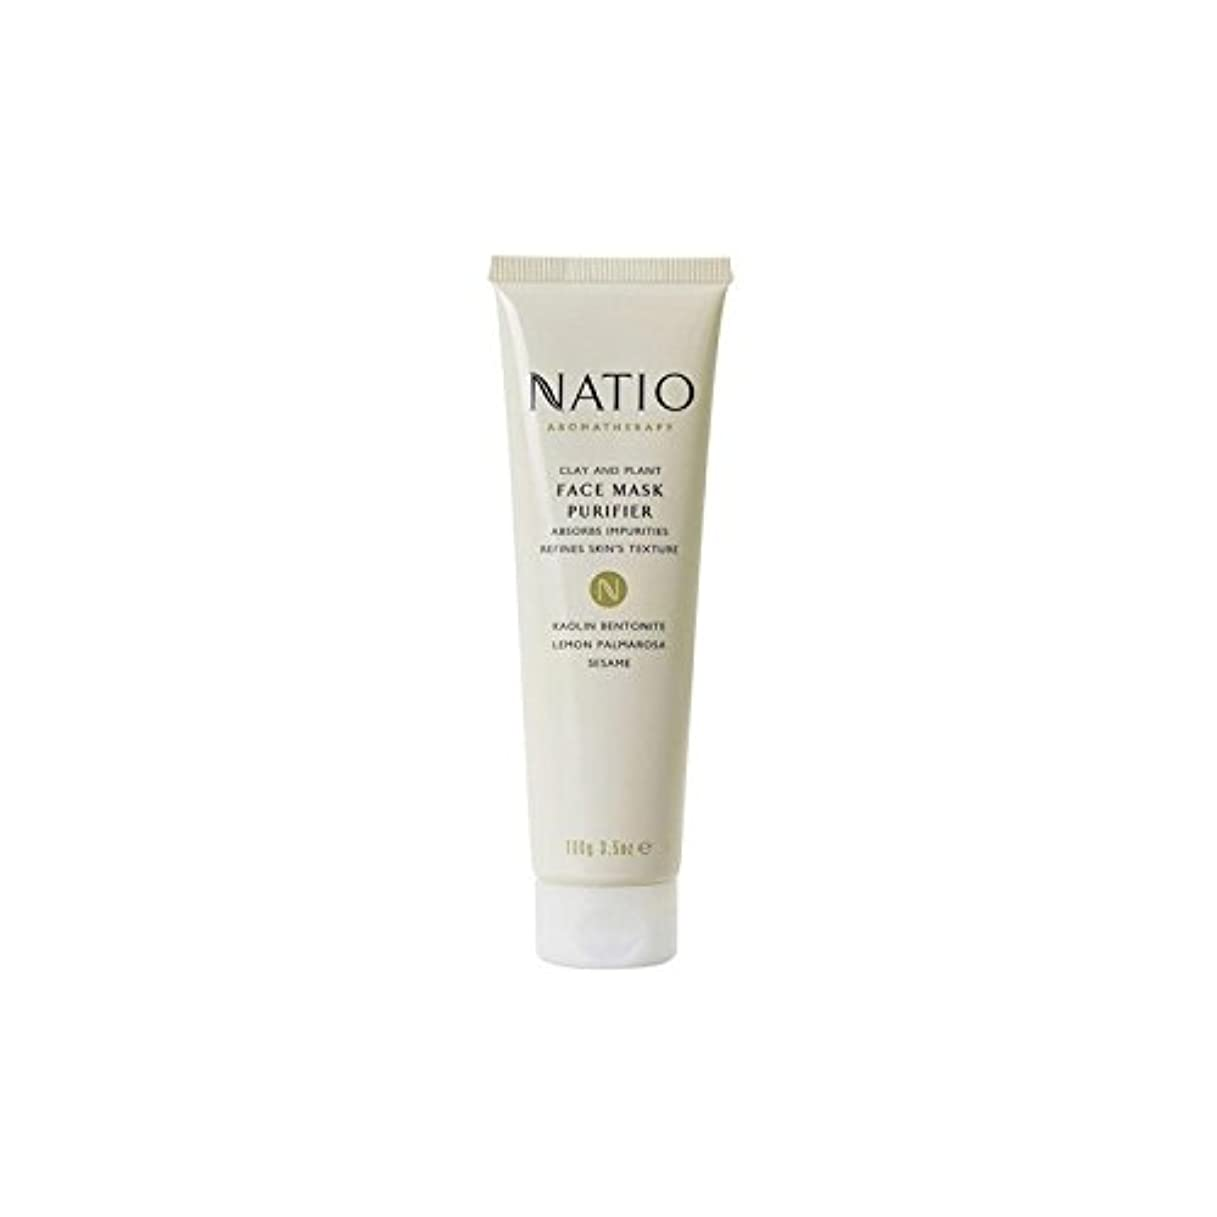 焼く外出割合粘土&植物フェイスマスクの浄化(100グラム) x2 - Natio Clay & Plant Face Mask Purifier (100G) (Pack of 2) [並行輸入品]